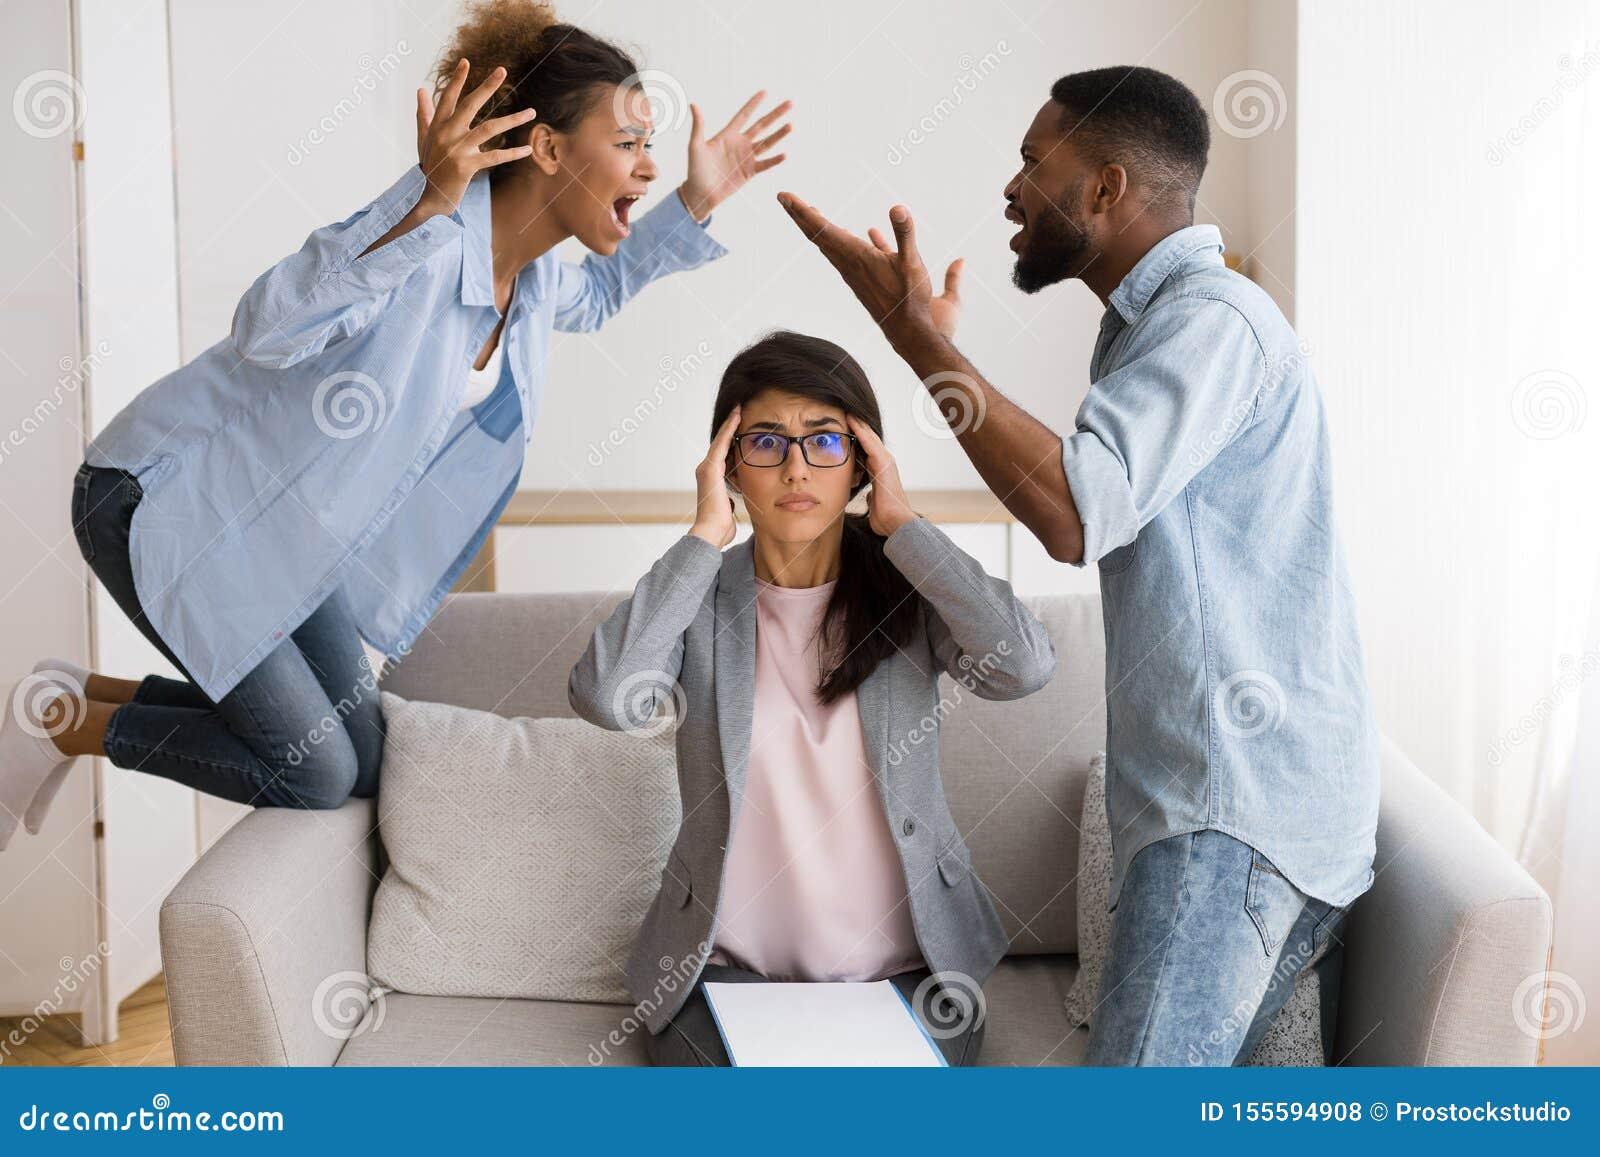 Psychothérapeute choqué observant les conjoints noirs crier et se blâmer